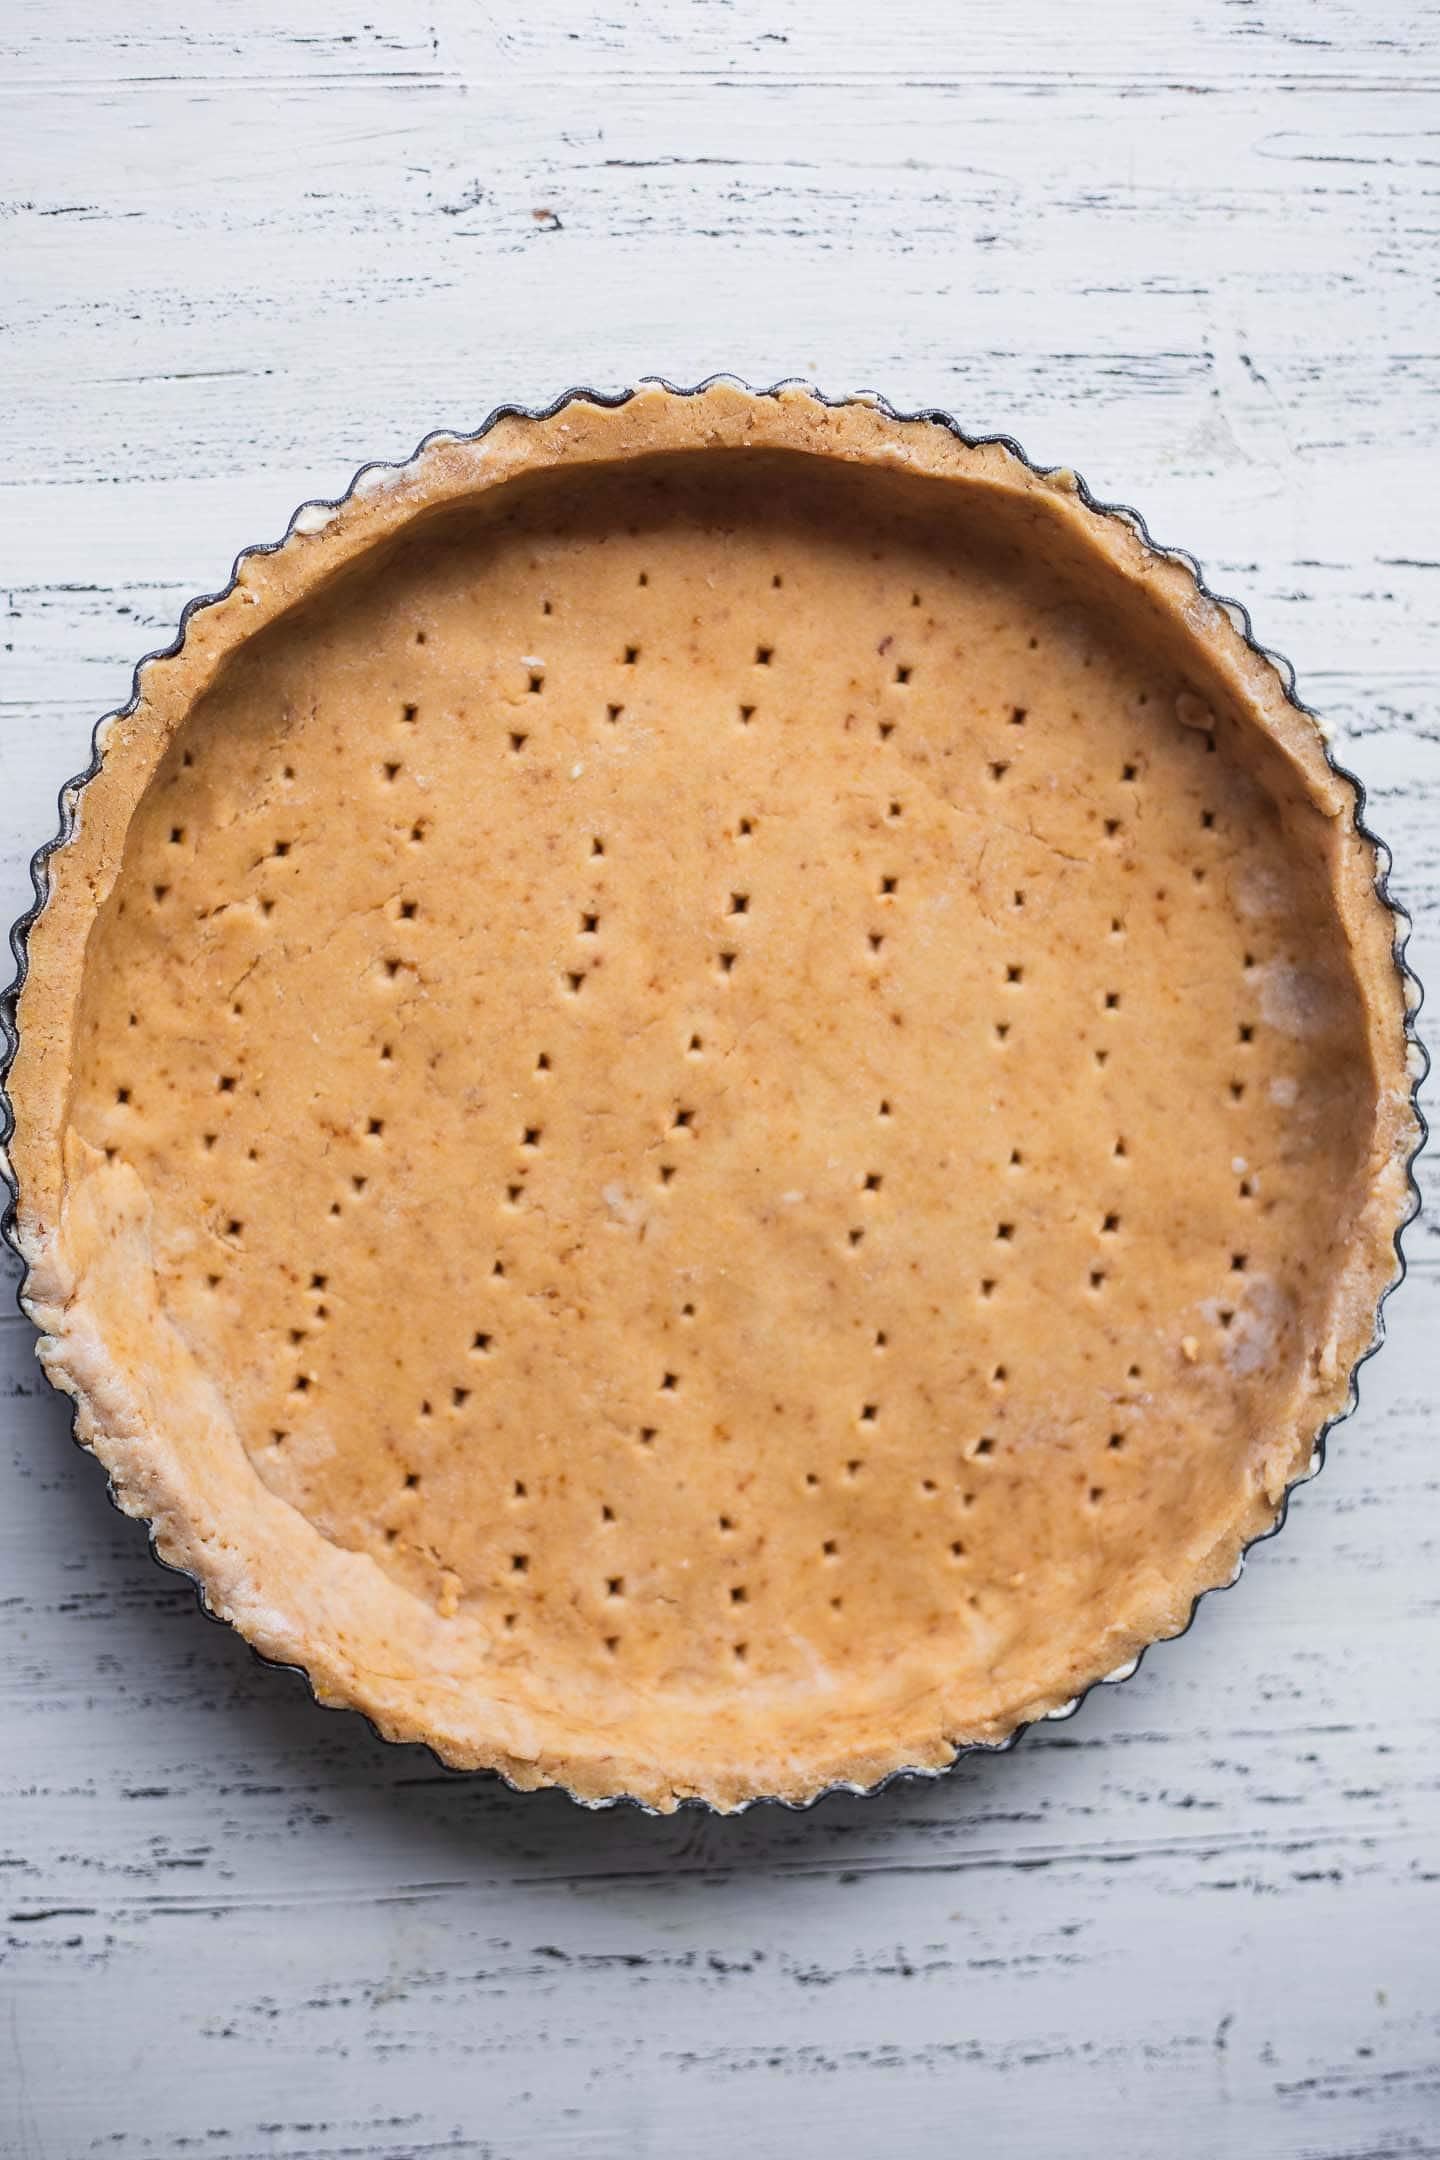 Pie crust in a pie dish